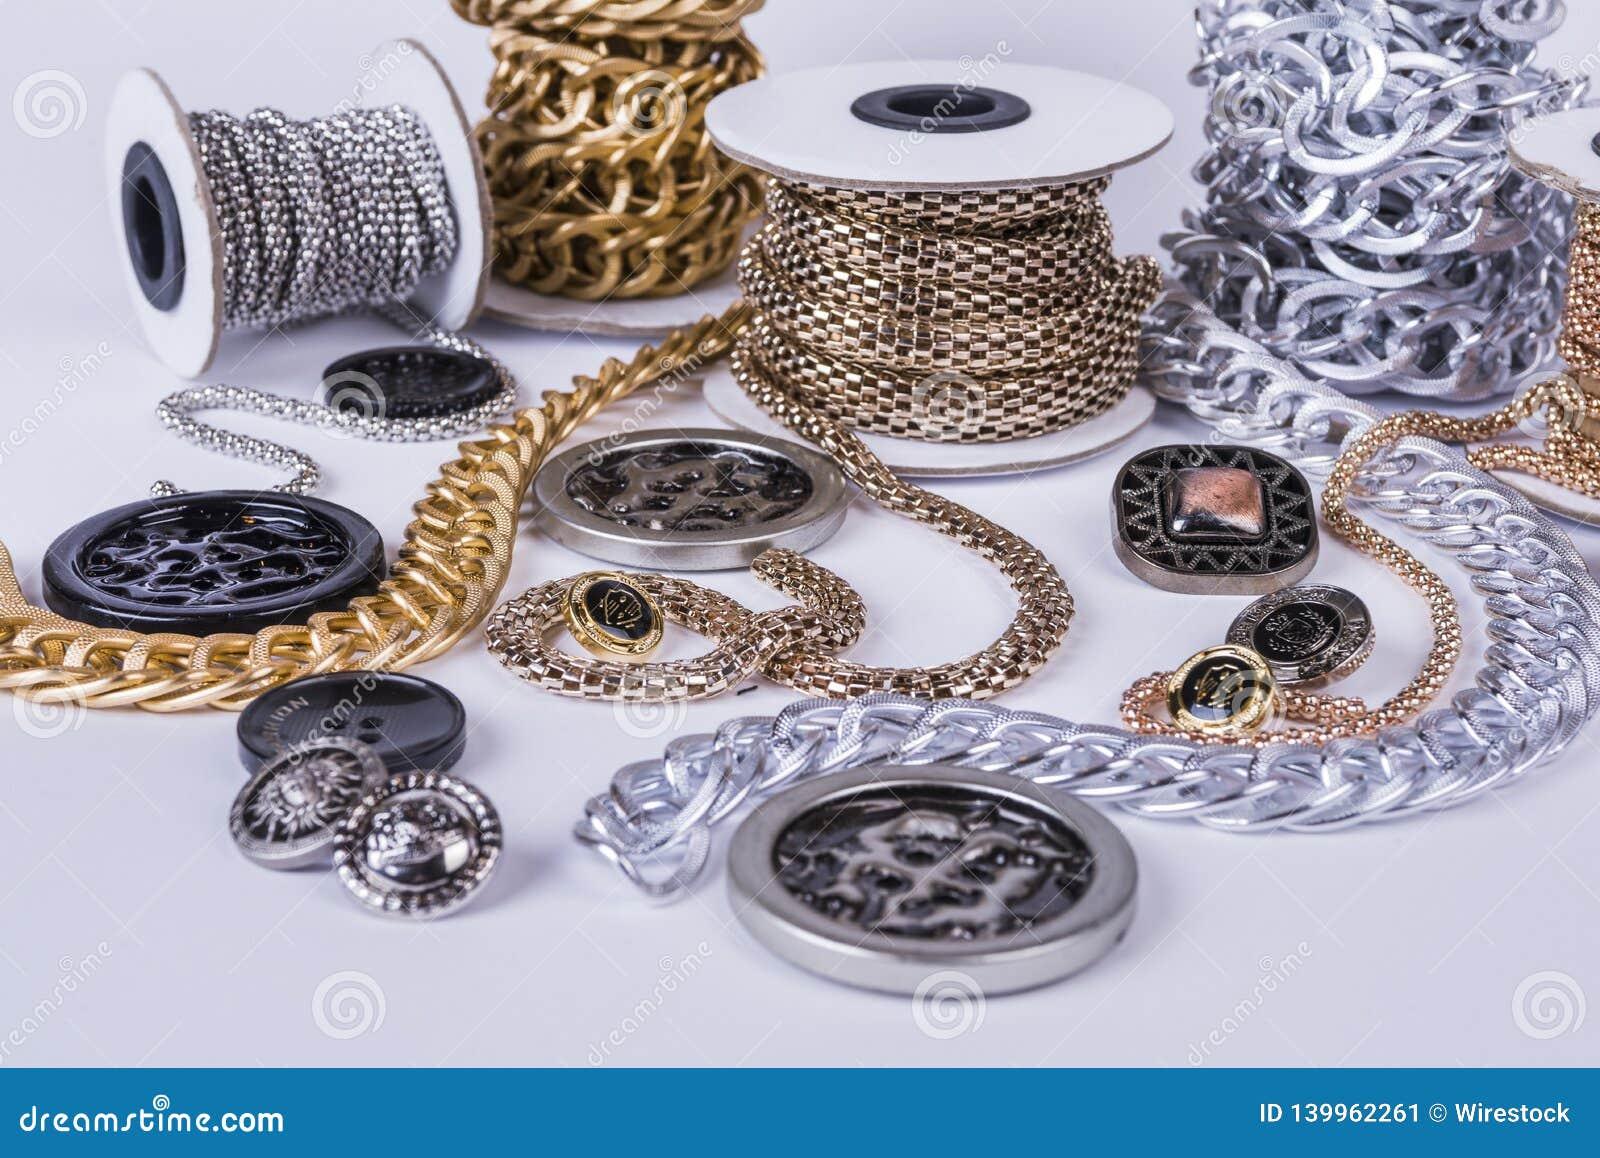 Beautiful shiny chains